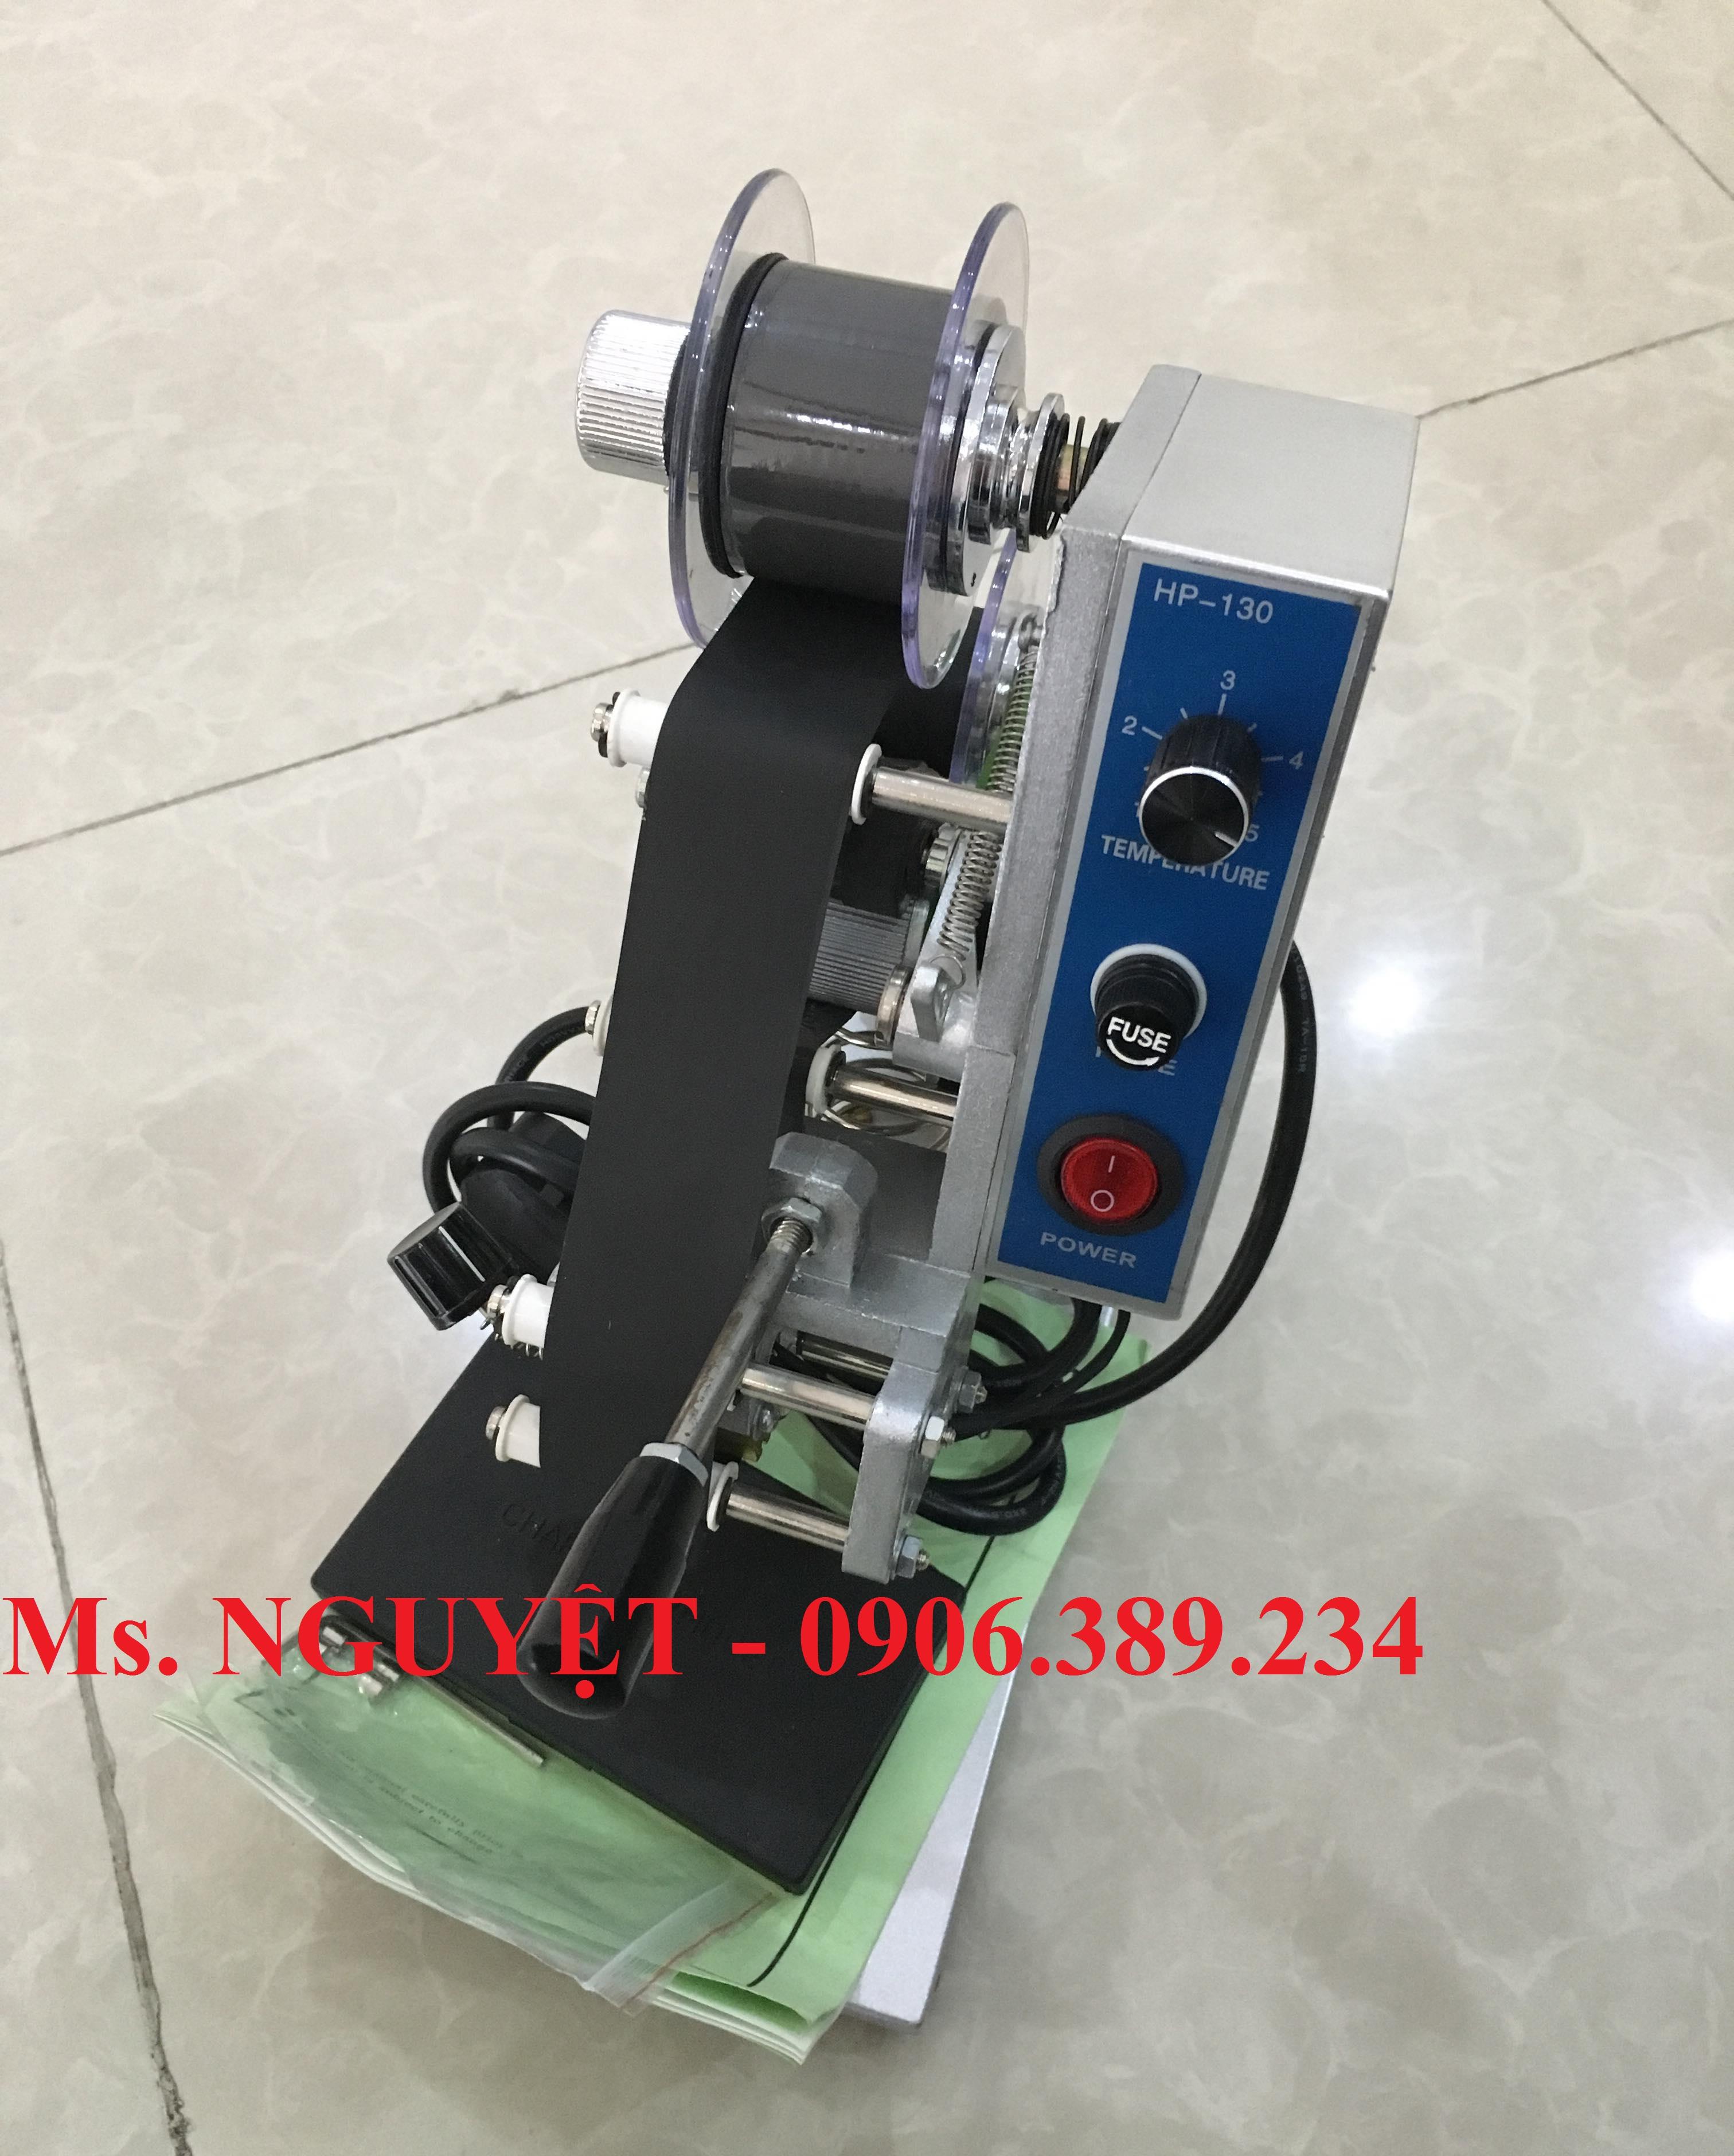 Máy đóng DATE, máy đóng ngày sản xuất hạn sử dụng trên bao bì HP130